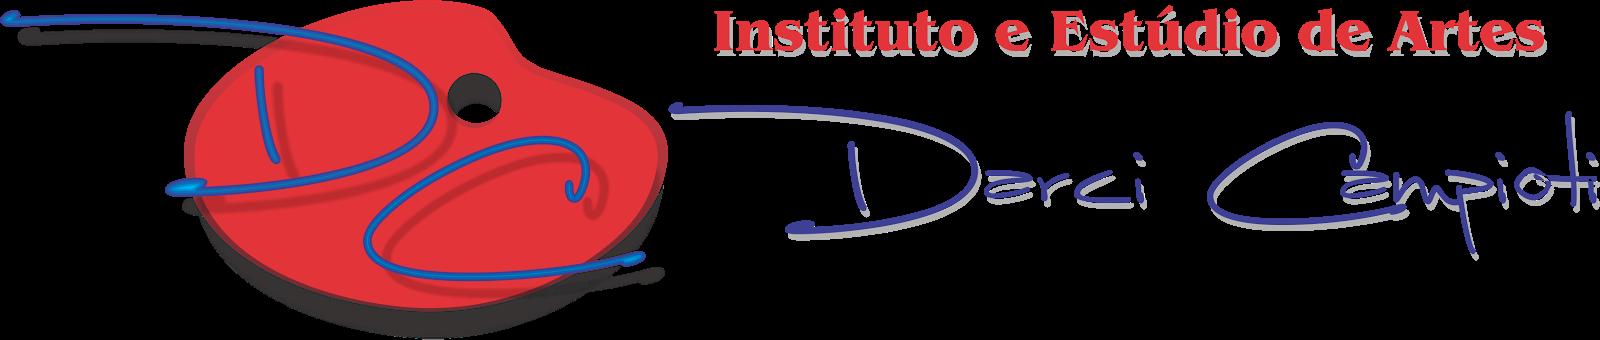 Instituto de Artes Darci Campioti